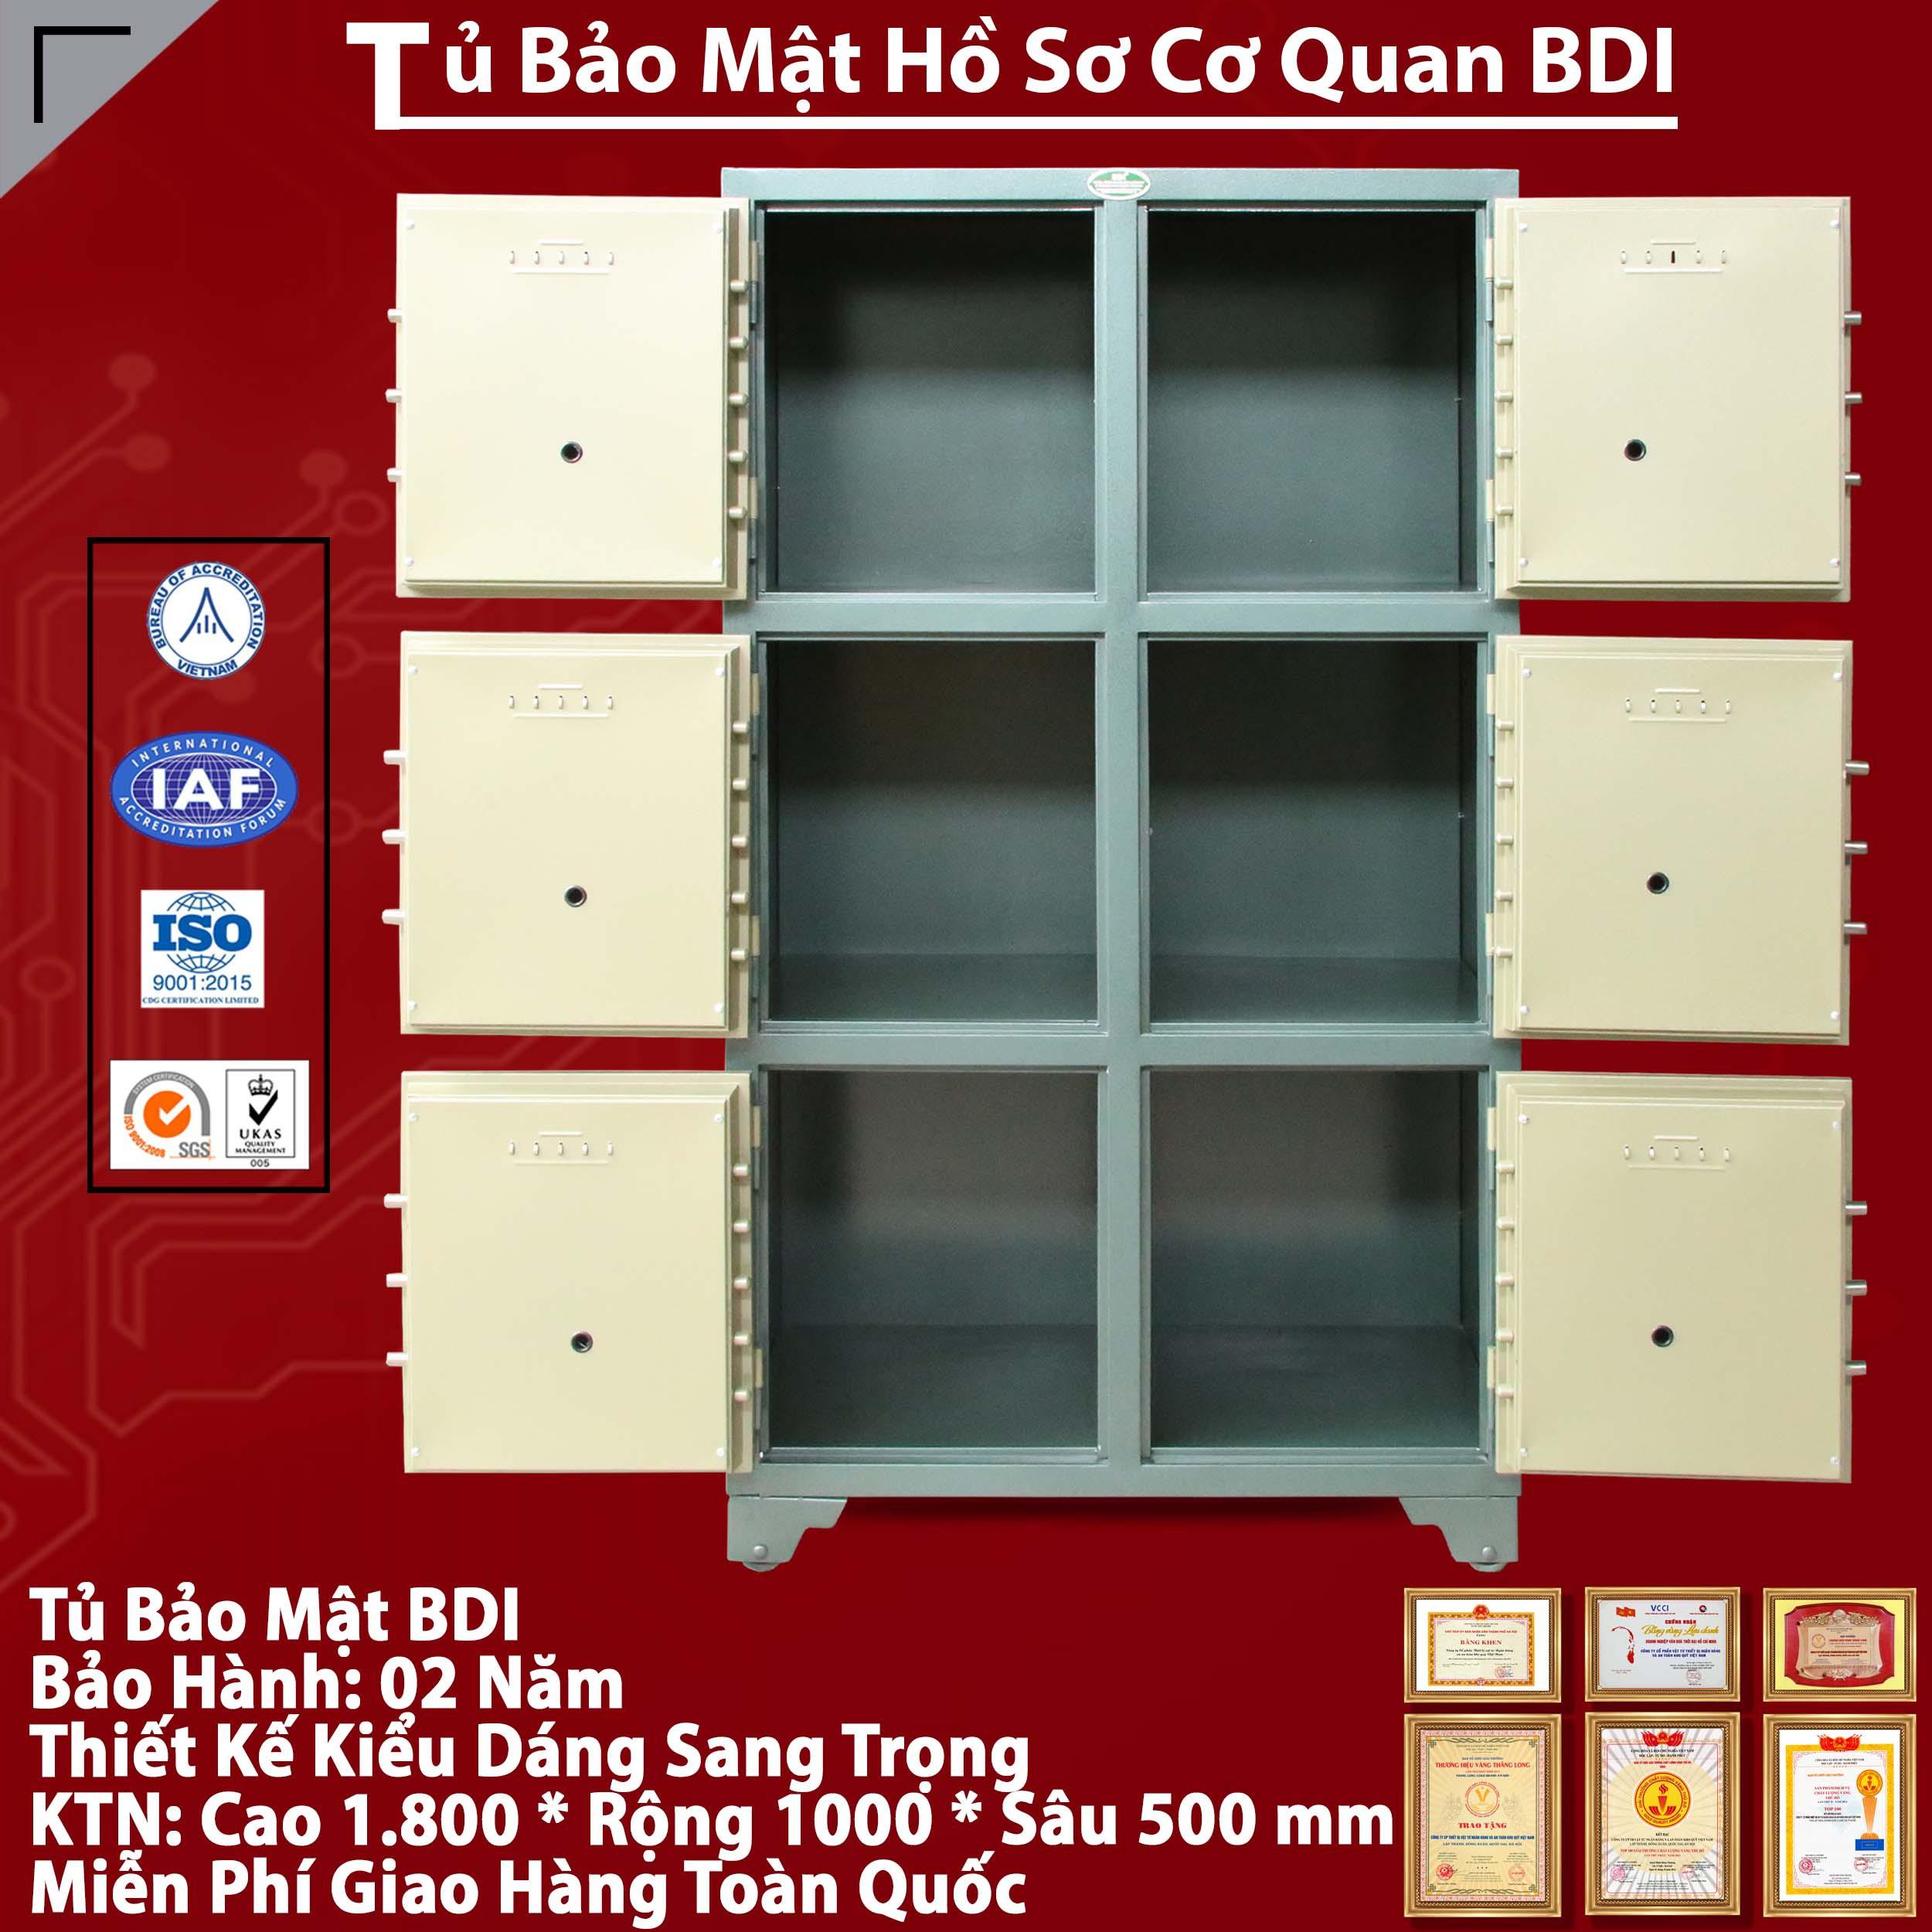 Tu Bao Mat 6 Canh Noi Cat Giu Tai Lieu Ho So An Toan